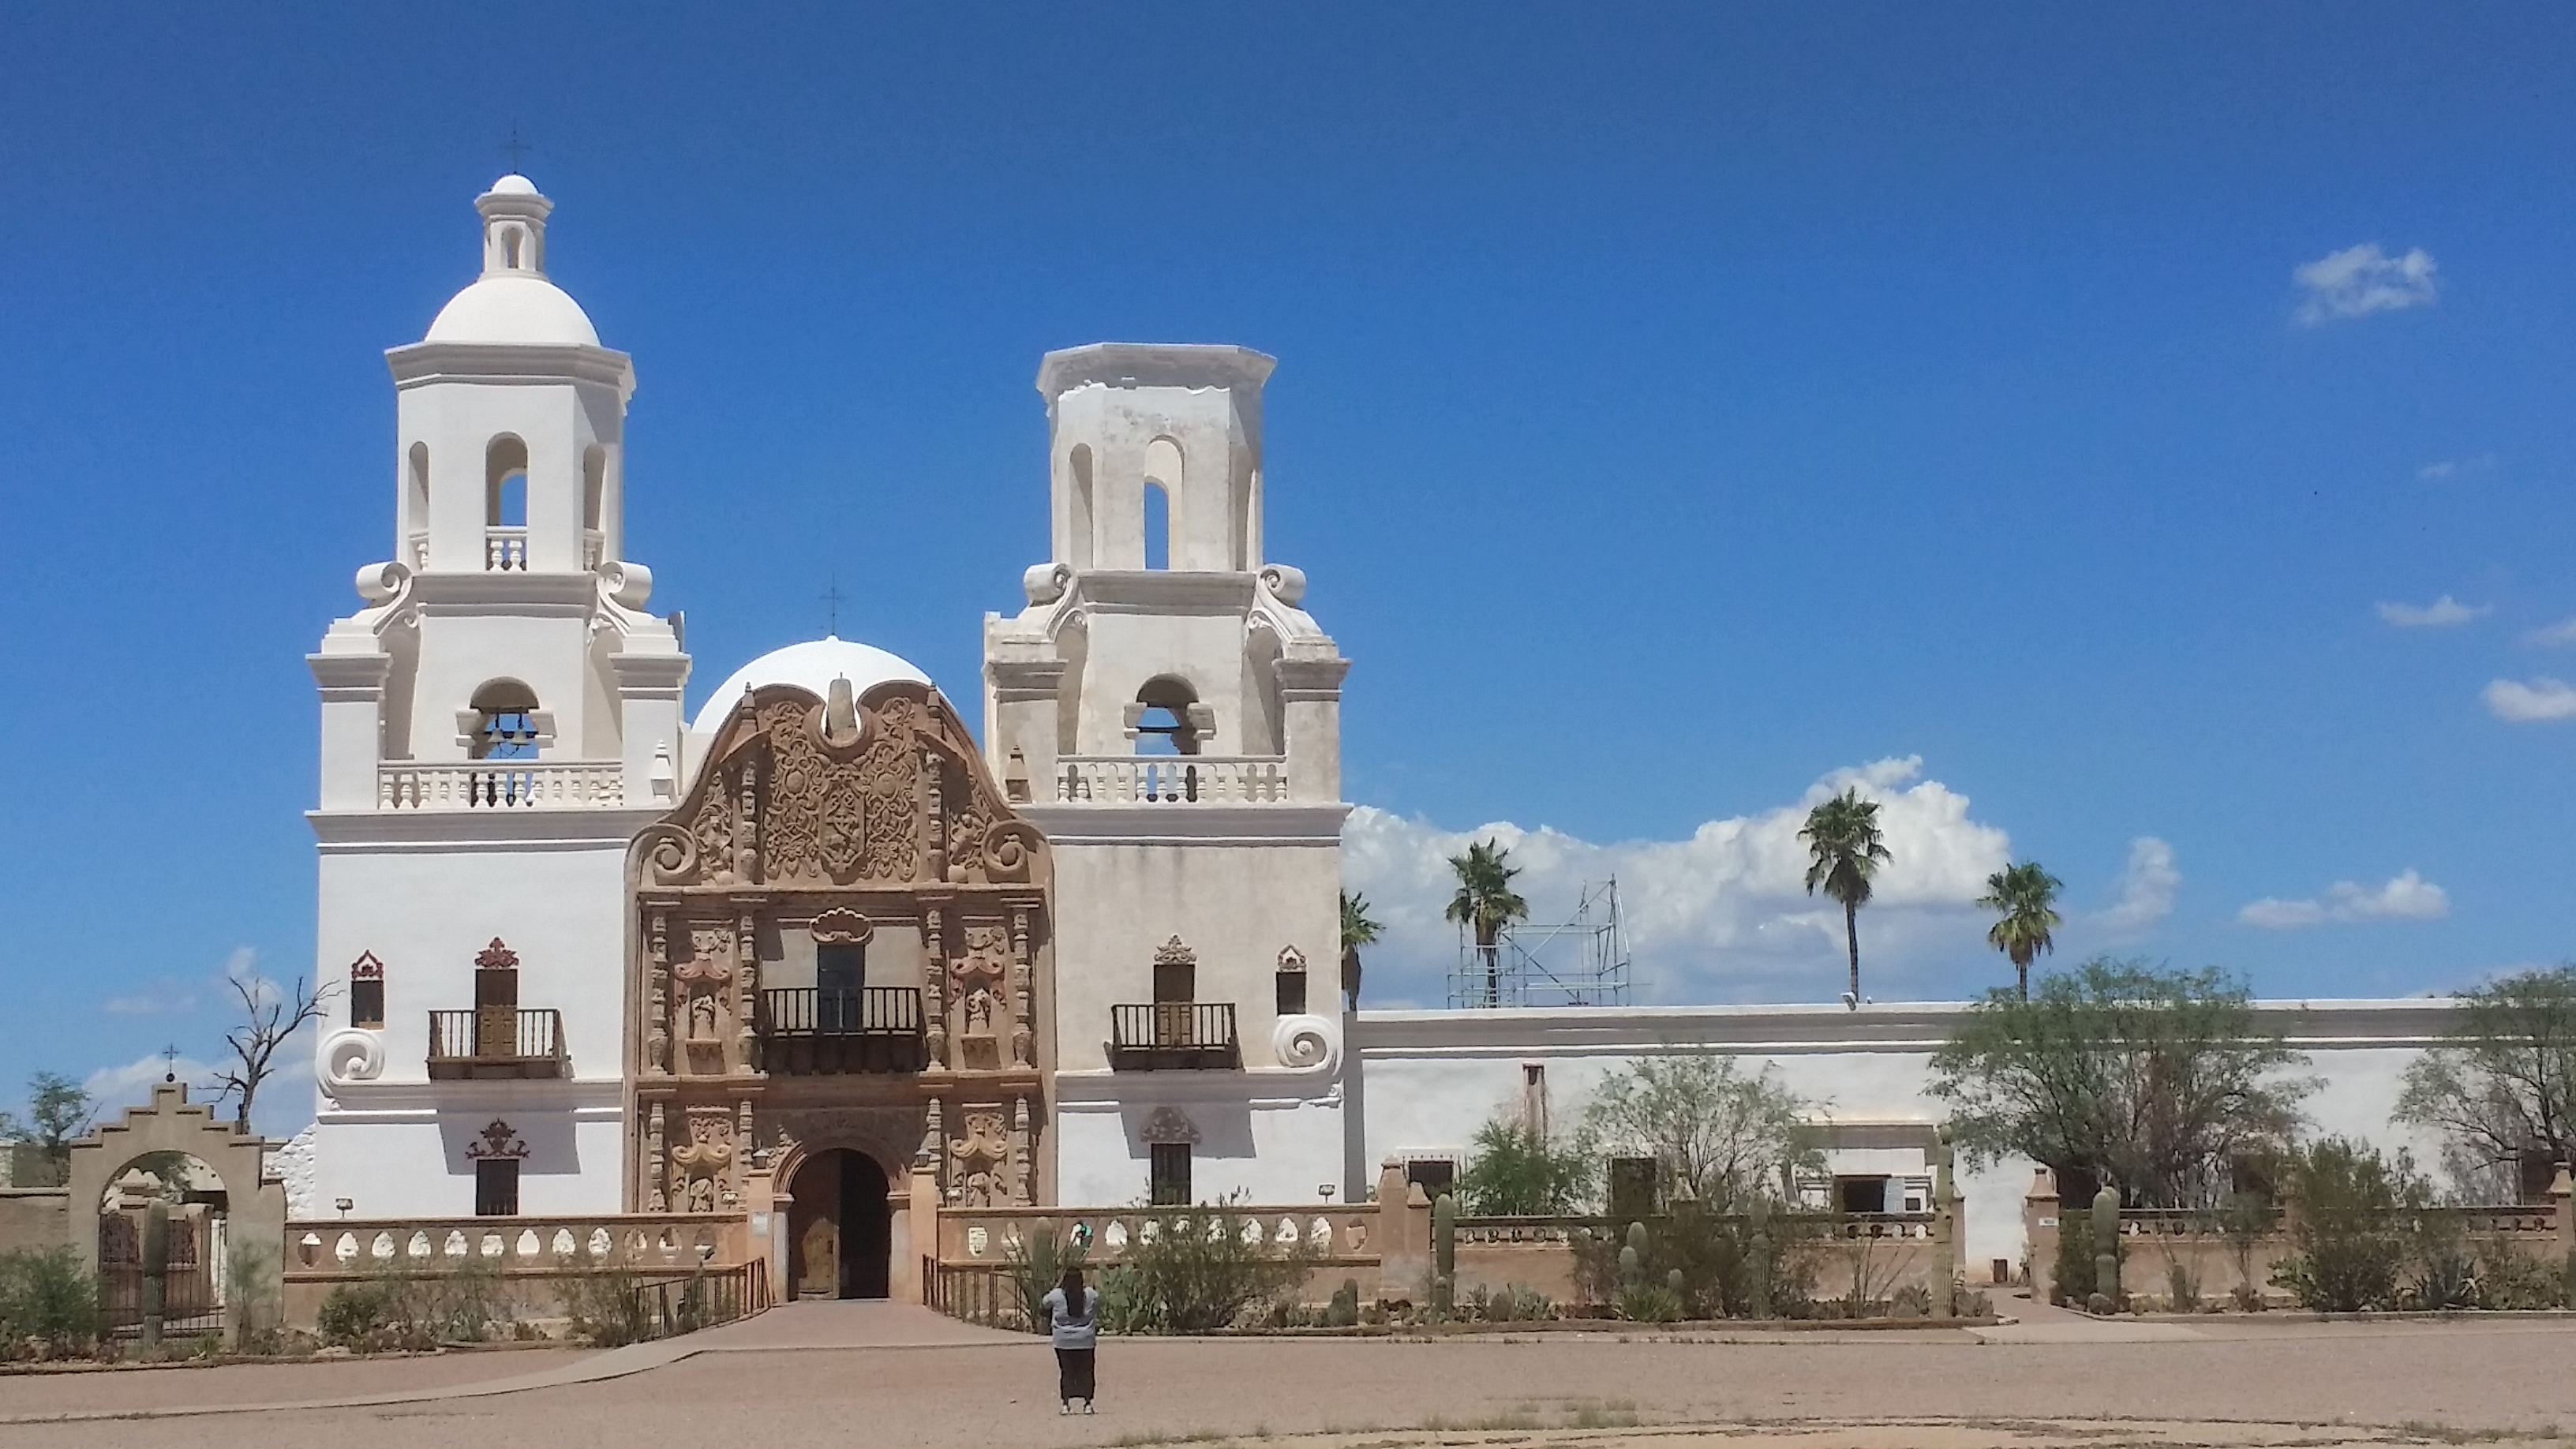 Resultado de imagem para Mission San Xavier del Bac